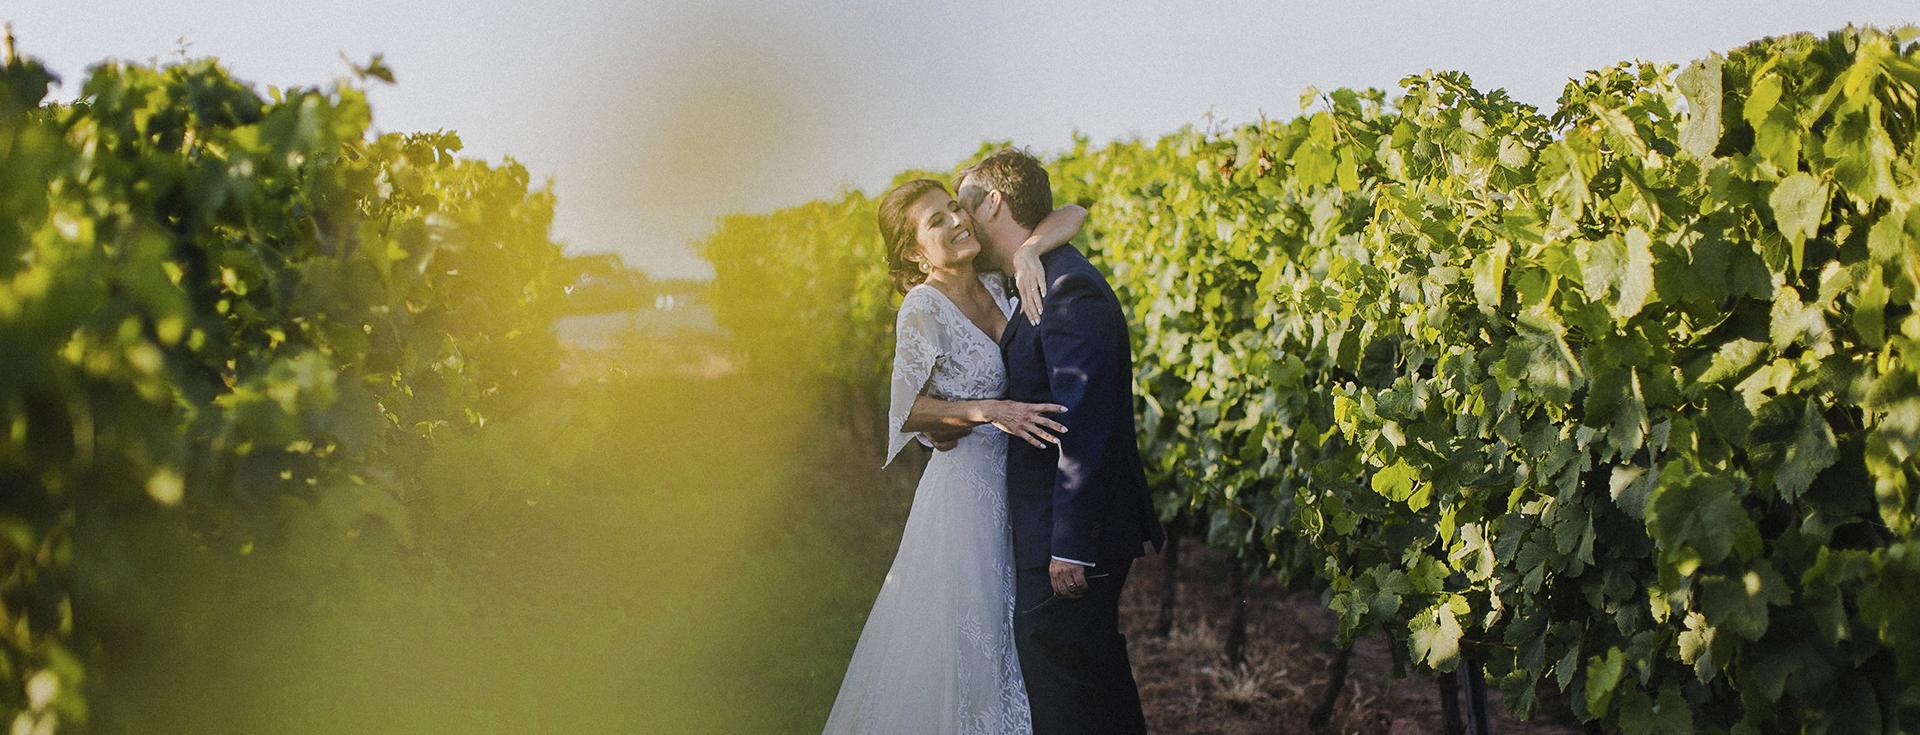 Casamentos na Quinta do Gradil